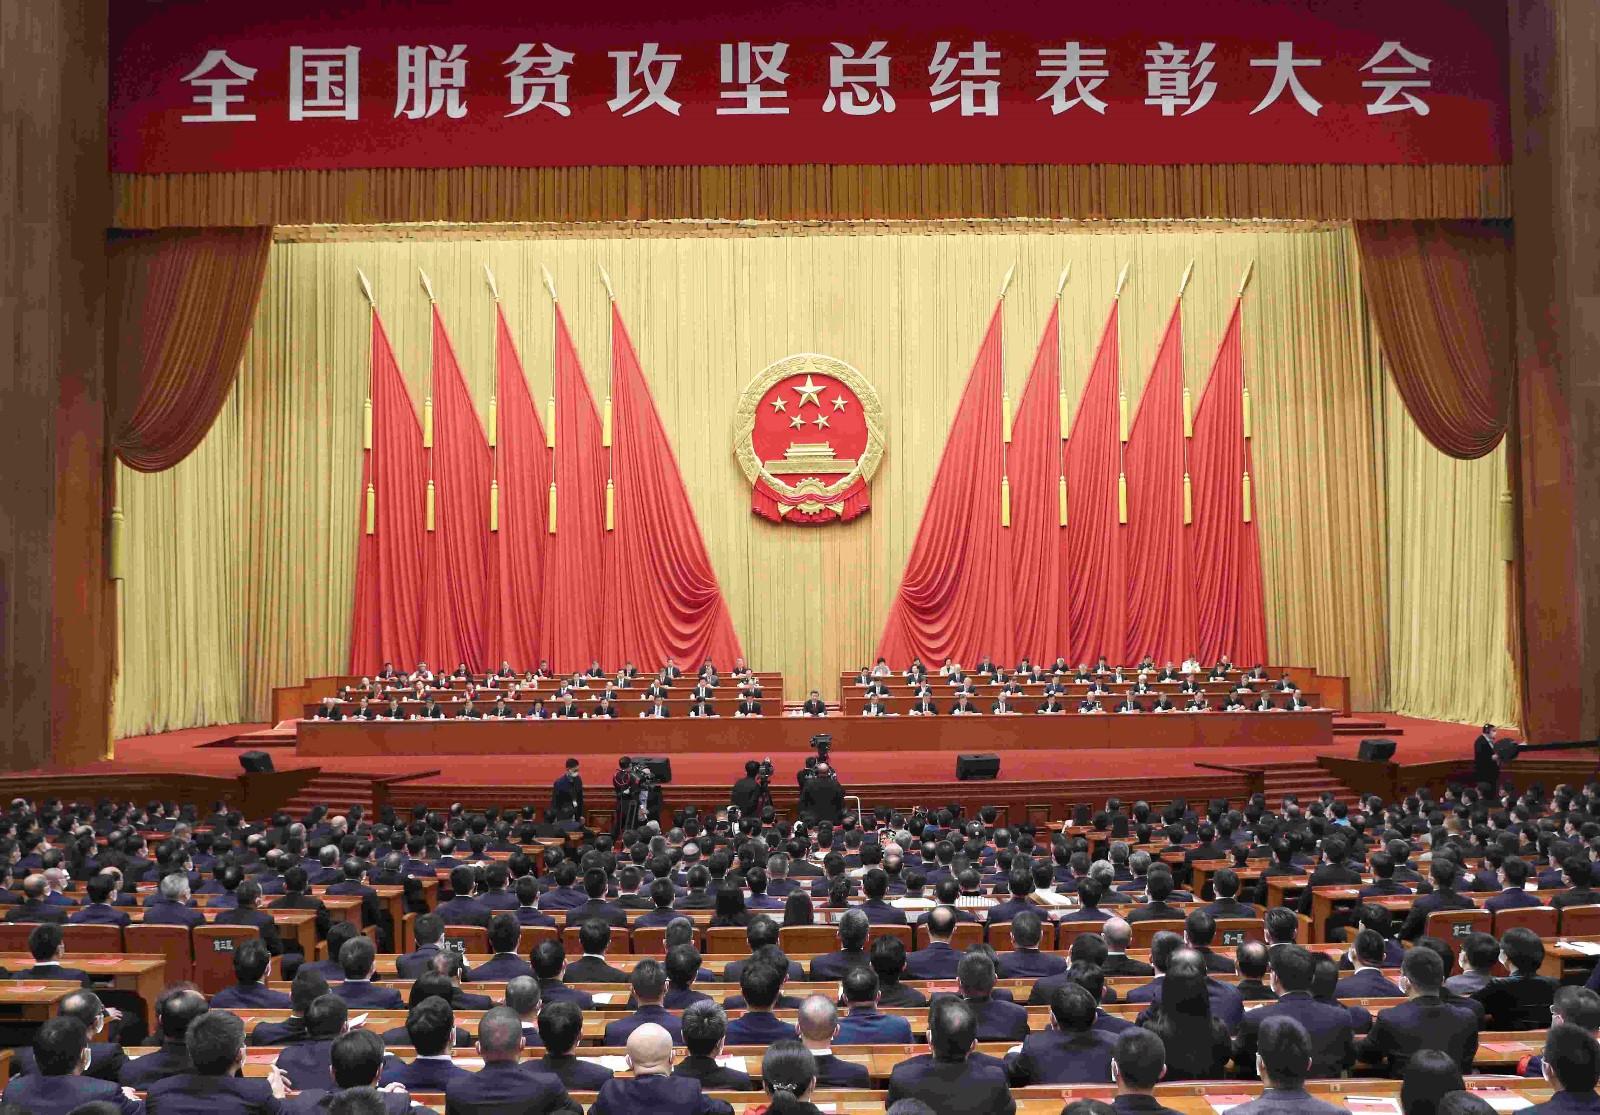 中国探索实施多元化生态扶贫模式,建立长效协同机制